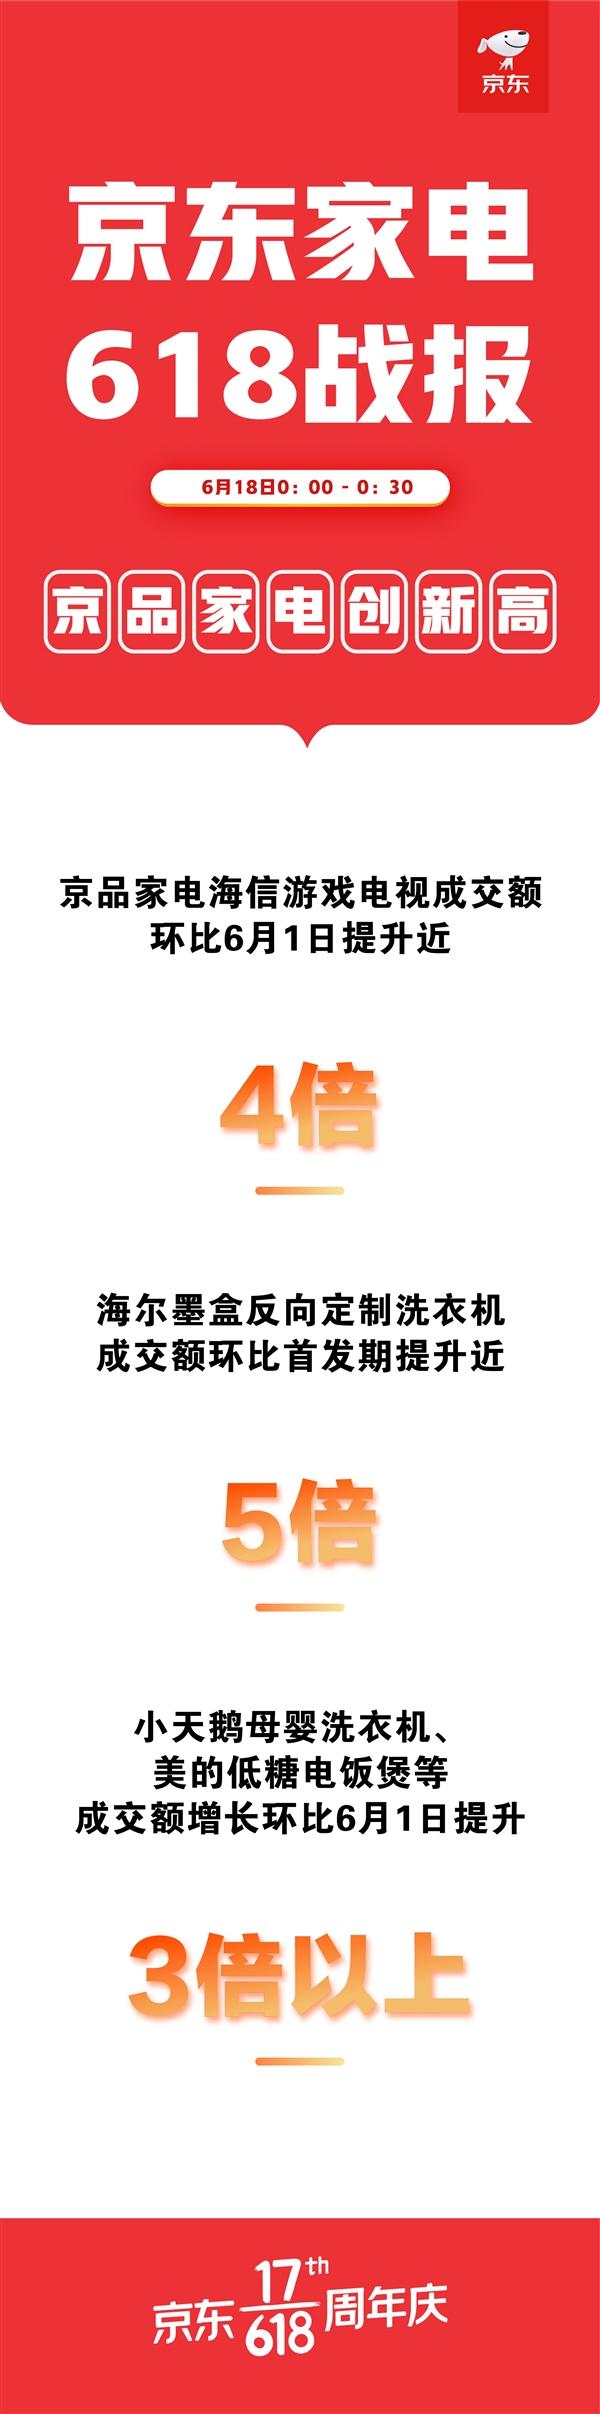 618京东家电消费高潮:定制京品爆发、海尔海信美的3-5倍增长